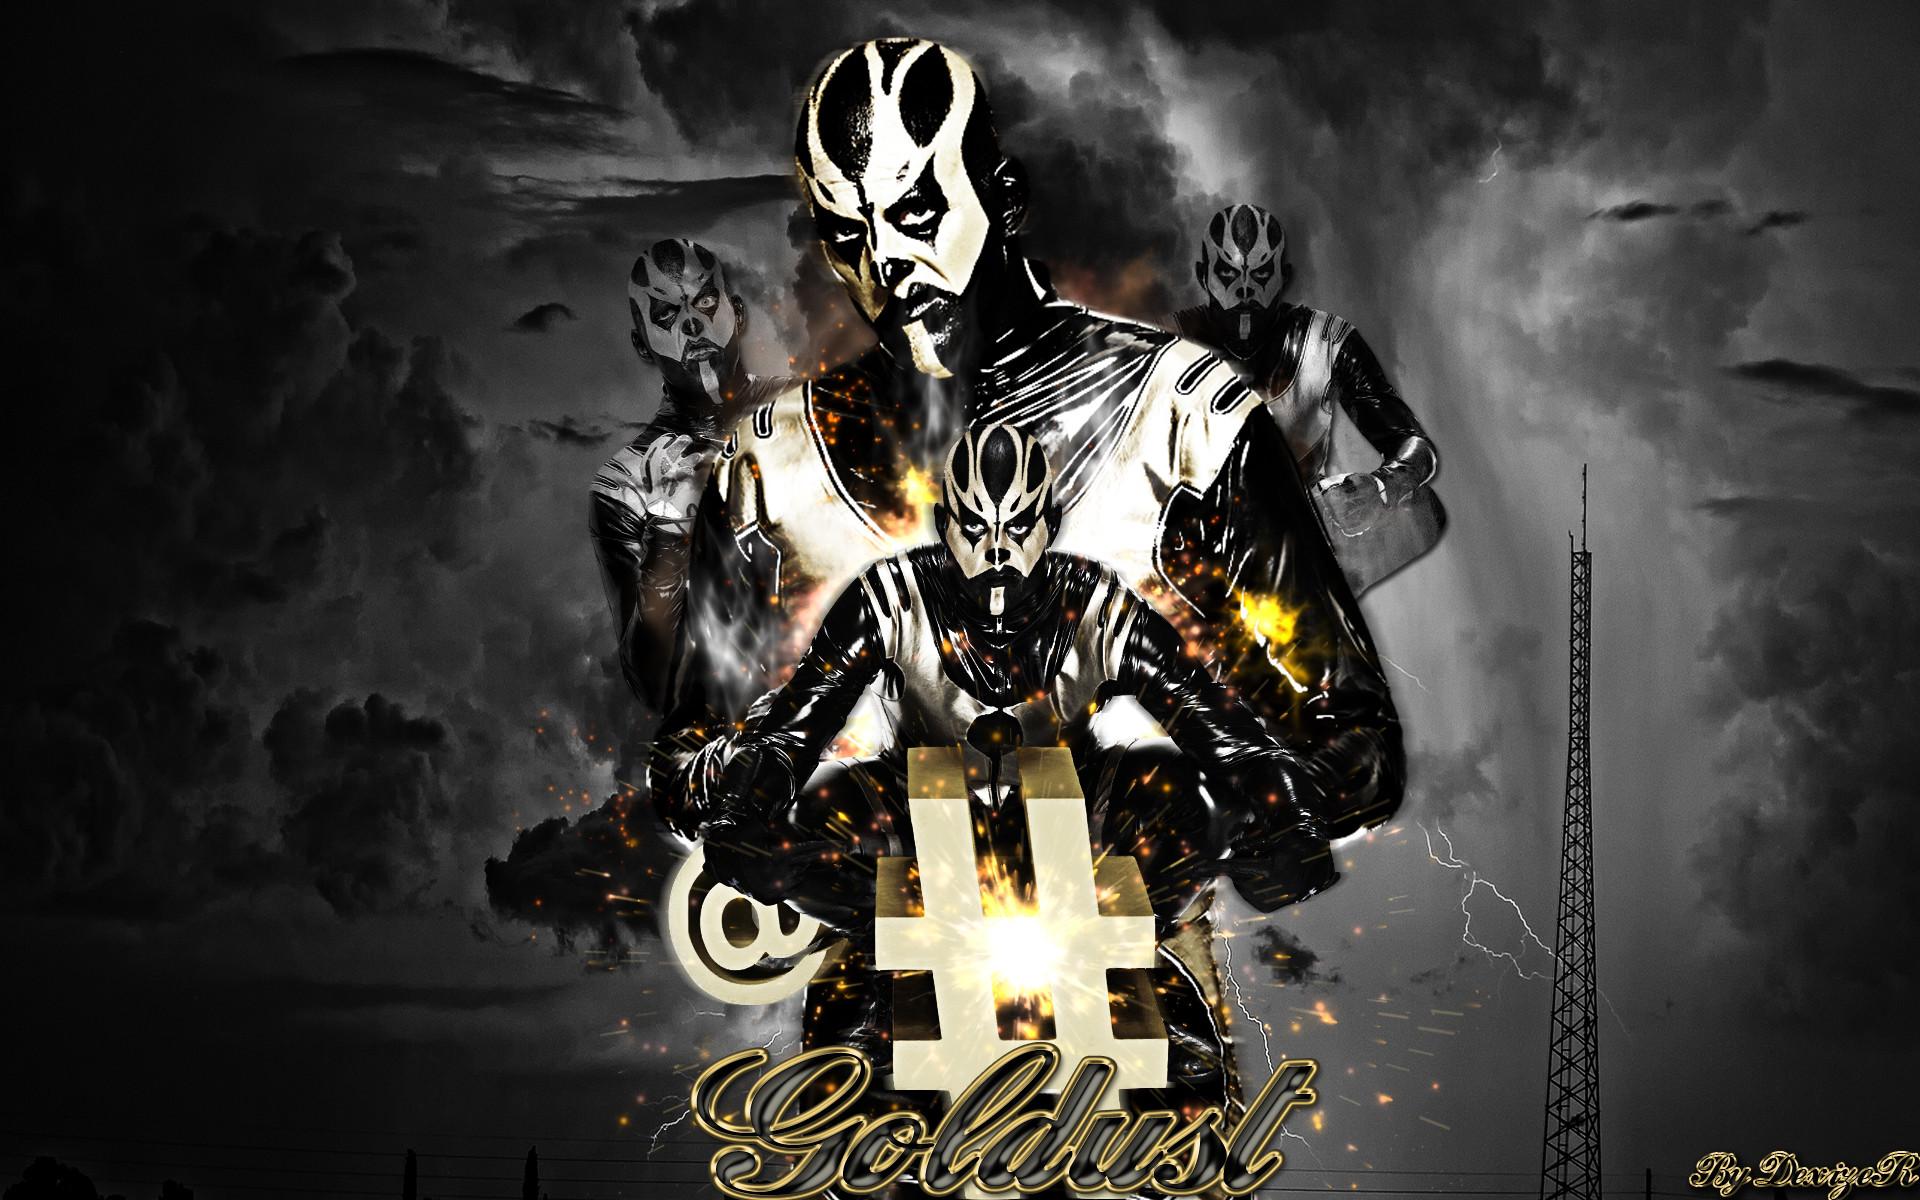 New WWE Goldust 2014 HD Wallpaper by SmileDexizeR on DeviantArt